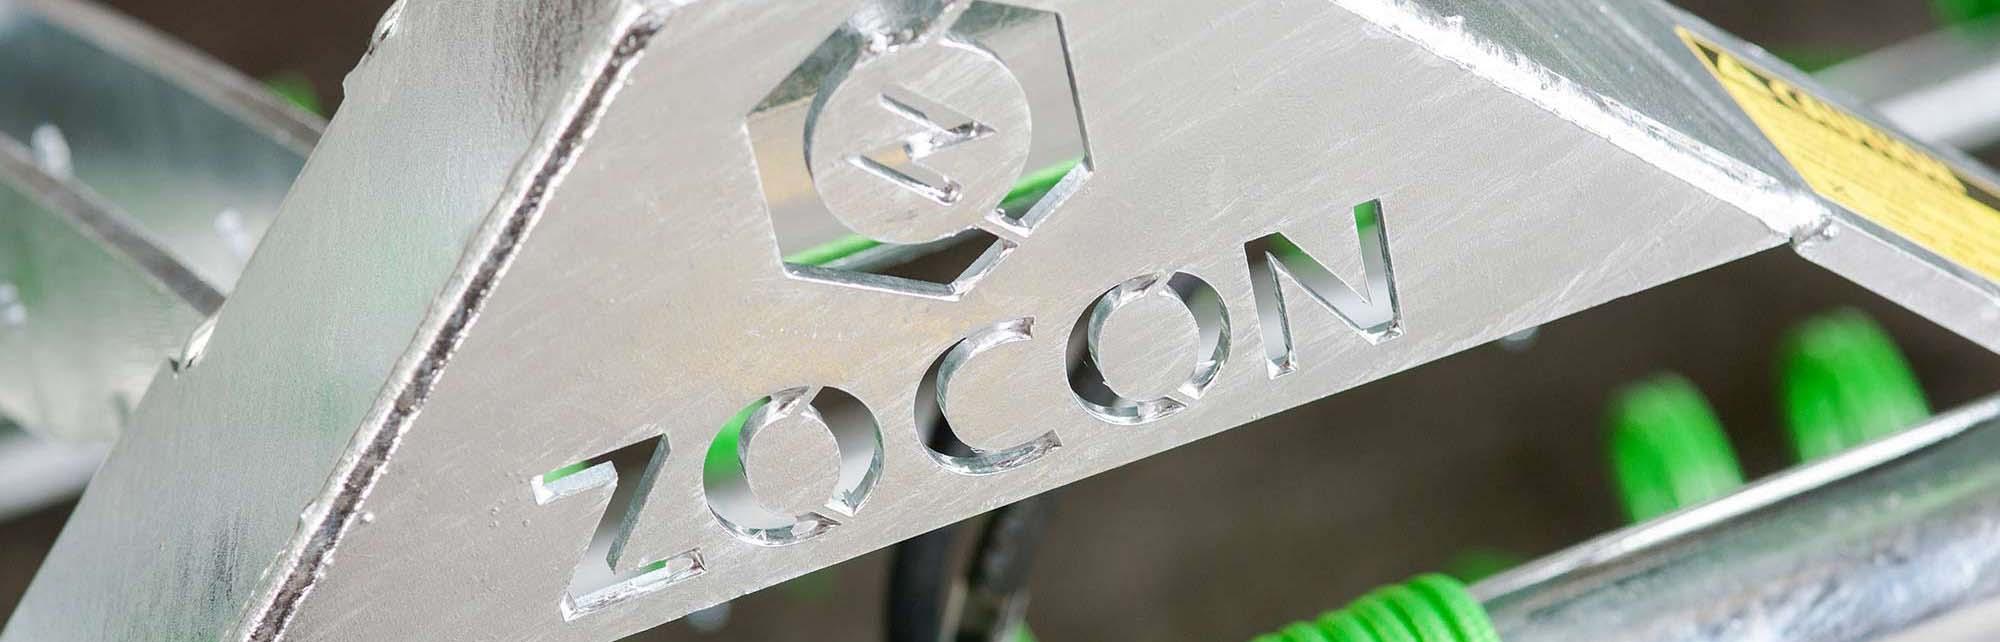 Zocon machines - landbouwmachines van Zonderland Machinehandel uit Joure